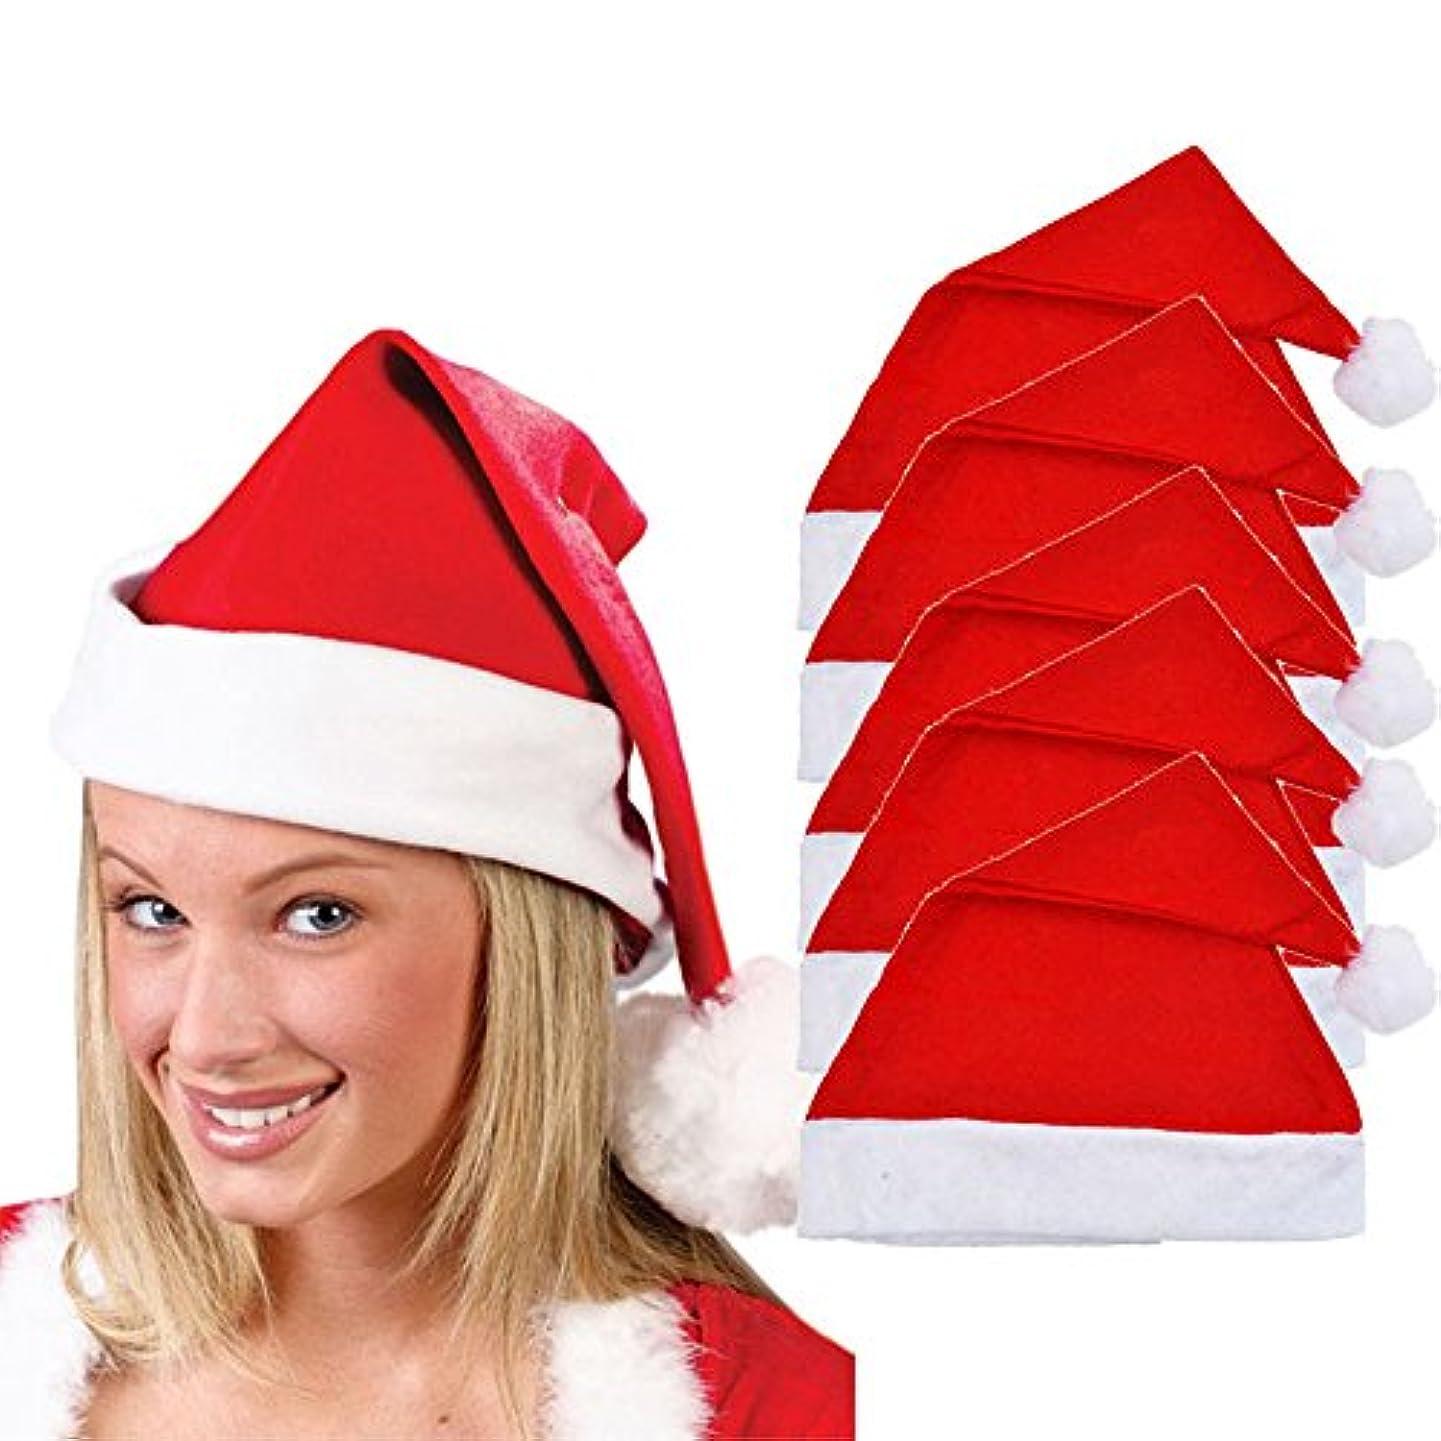 逮捕販売計画縫うRacazing クリスマスハット 5つの レッド Hat ライト ドームキャップ 防寒対策 通気性のある 防風 ニット帽 暖かい 軽量 屋外 スキー 自転車 クリスマス 男女兼用 Christmas Cap